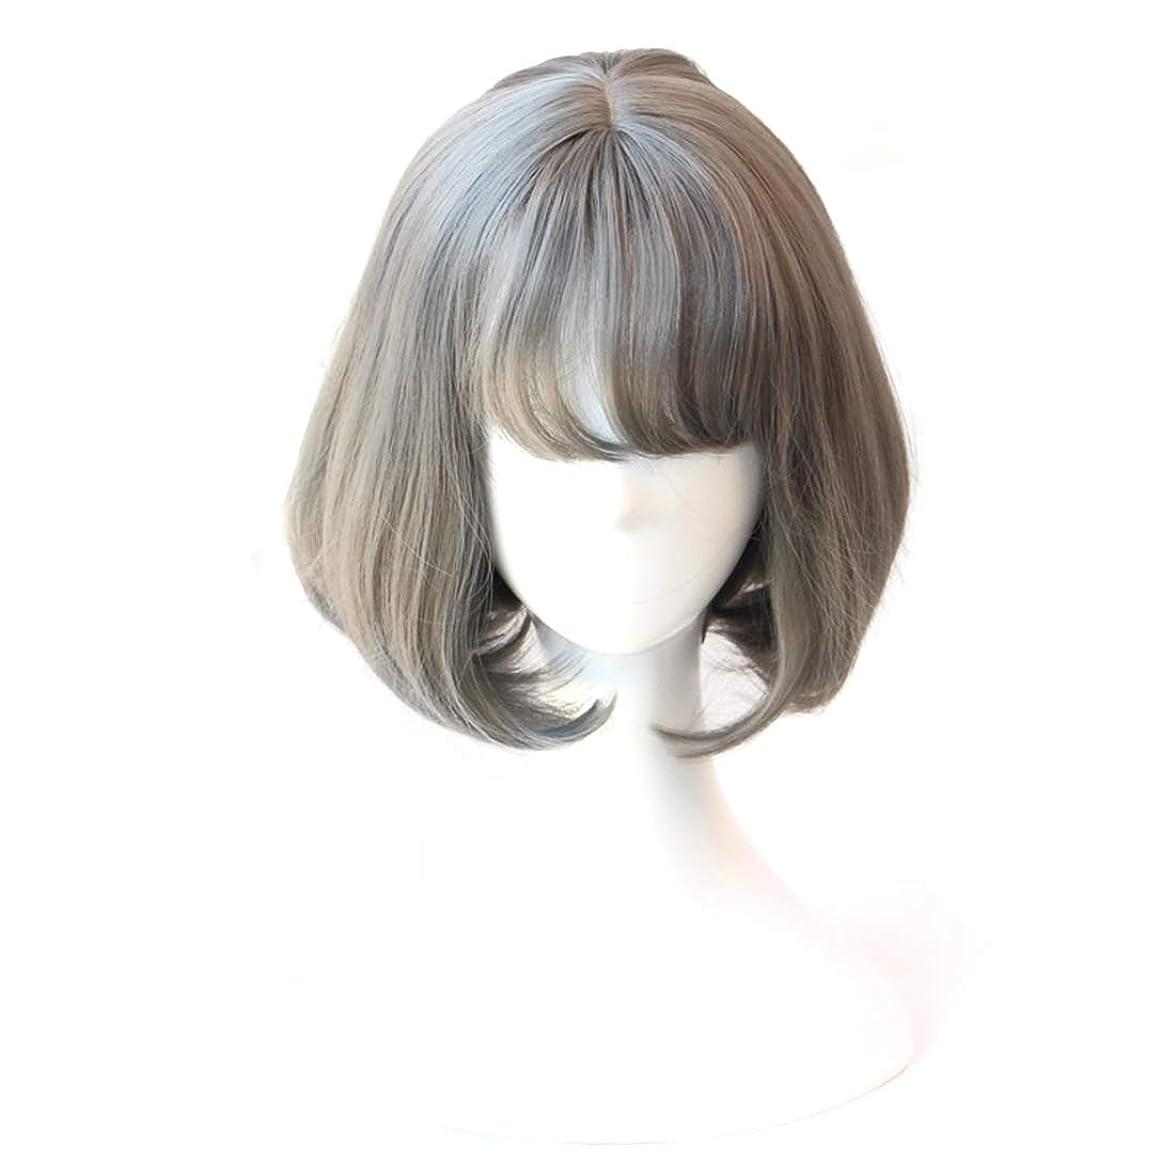 リテラシー増加する静かなKoloeplf コスウィッグエアバンズショートヘアボボーパワーヘッドおばあちゃんアシュバックルヘアカール (Color : Grandma ash)